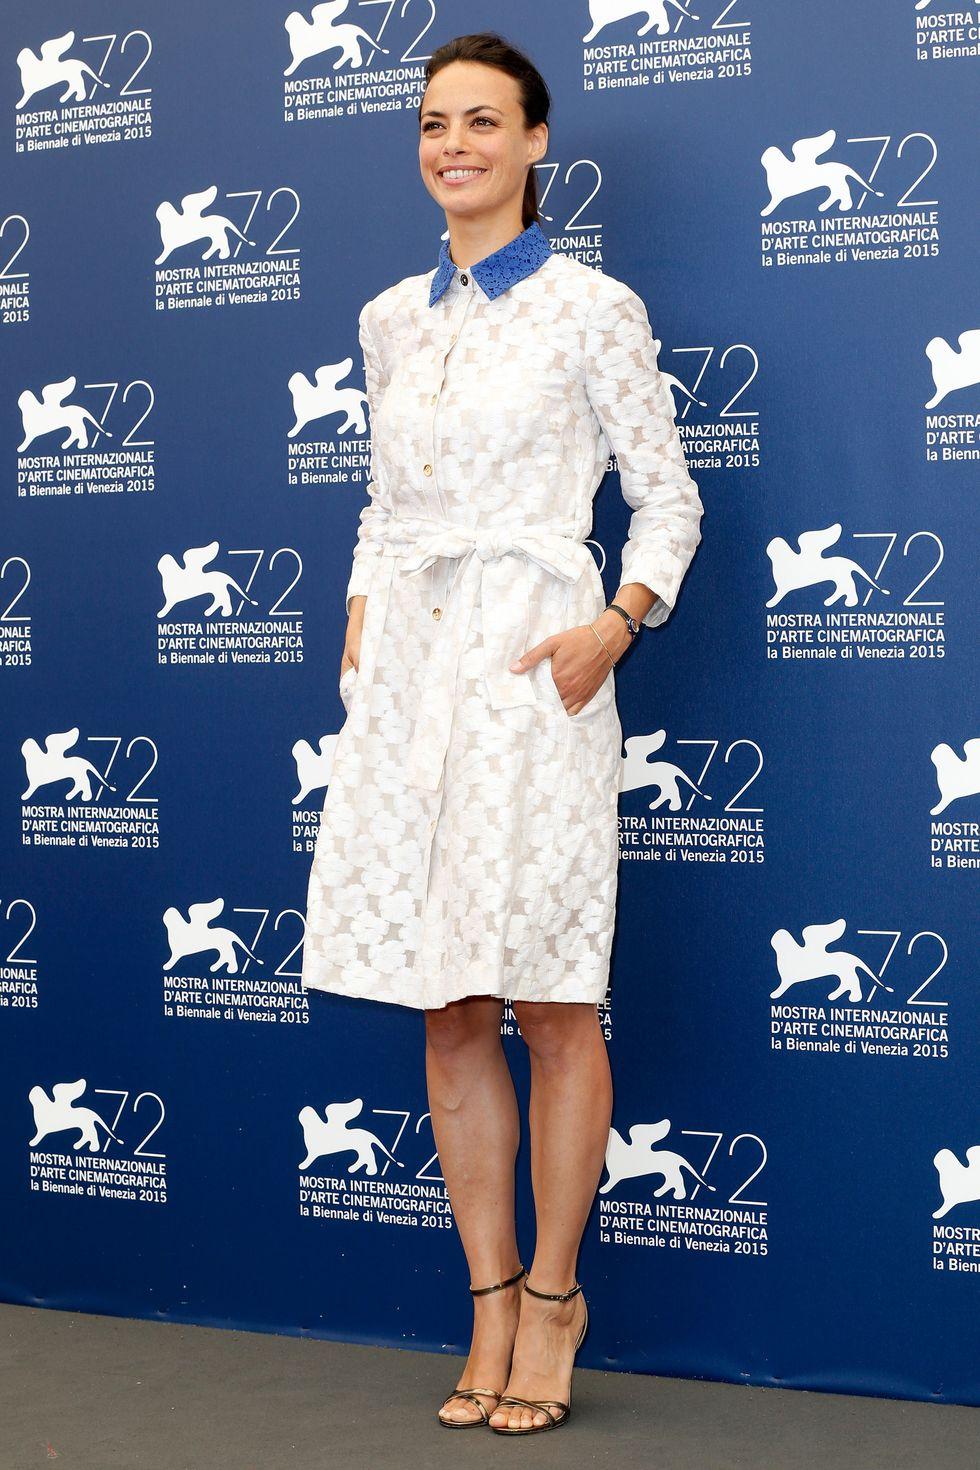 Berenice Bejo - Velencei Nemzetközi Filmfesztivál 2015